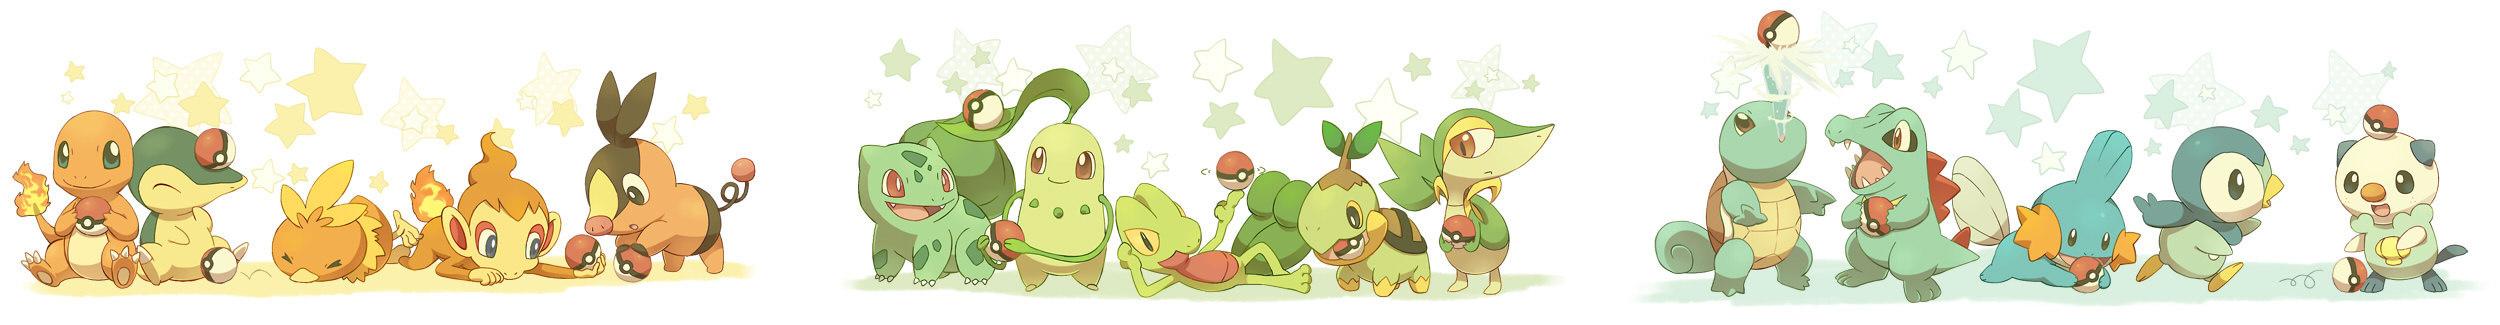 Topic Pokémon. - Page 11 1337897241035179000